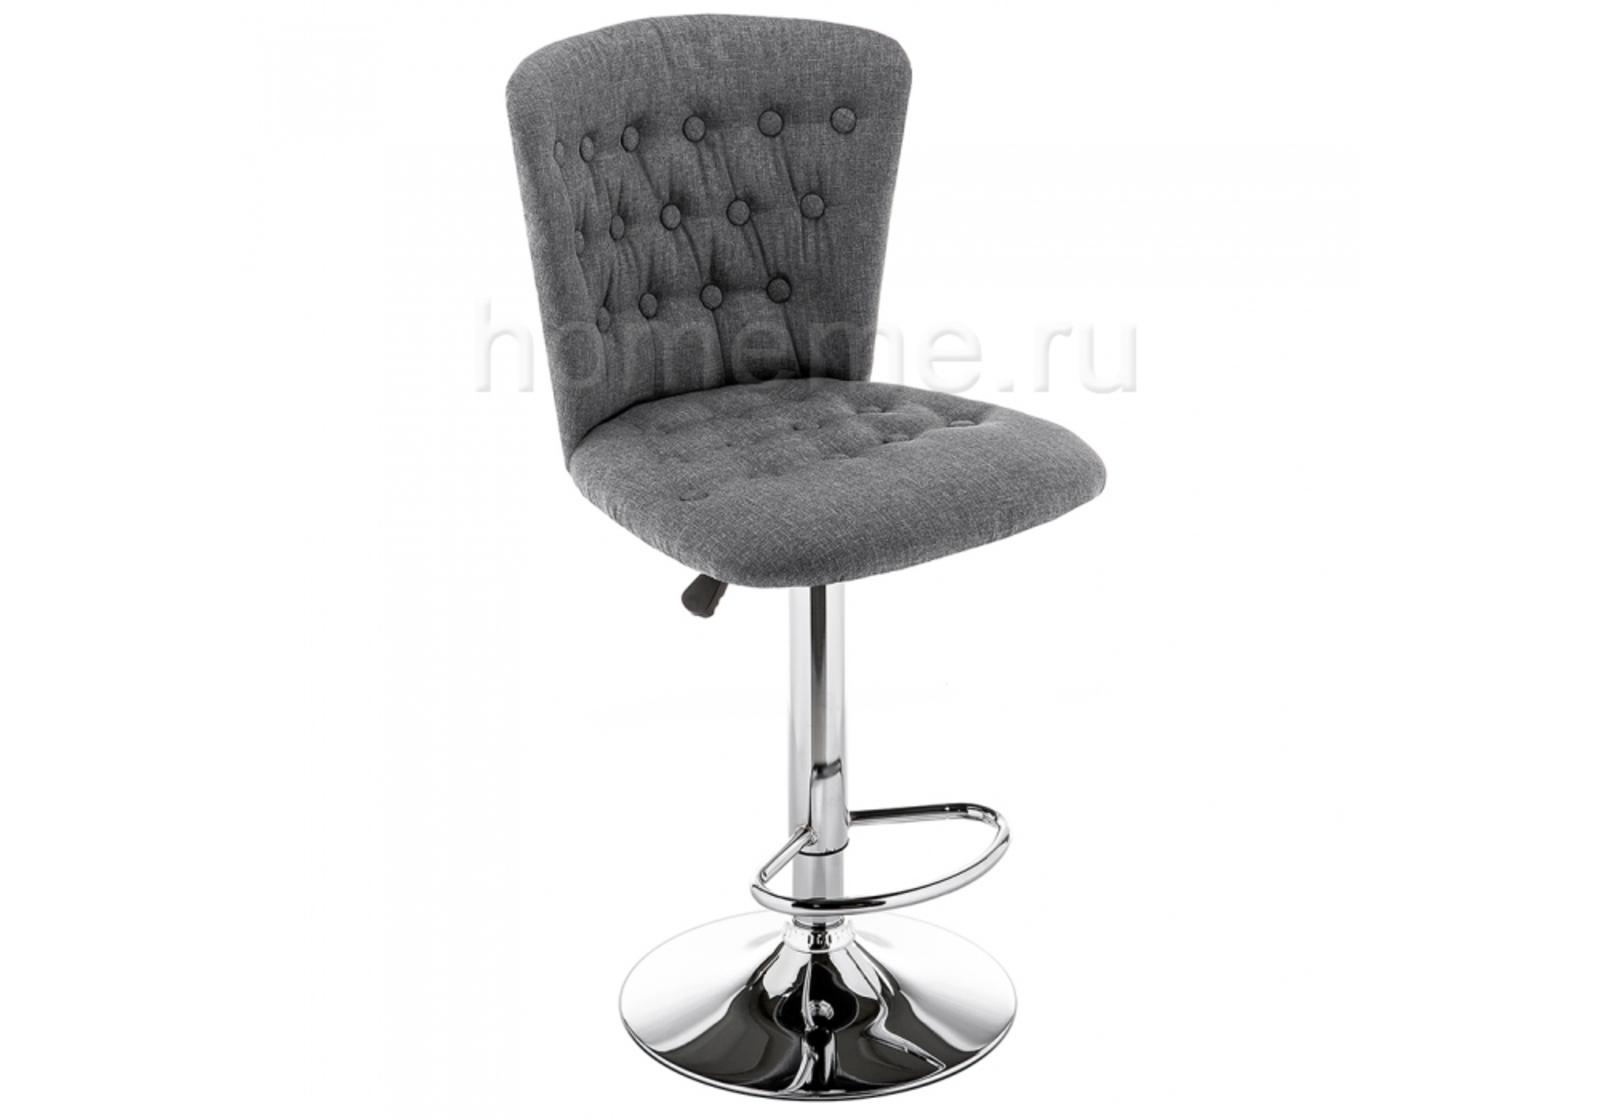 Барный стул Gerom fabric grey 11254 Gerom fabric grey 11254 (15680)